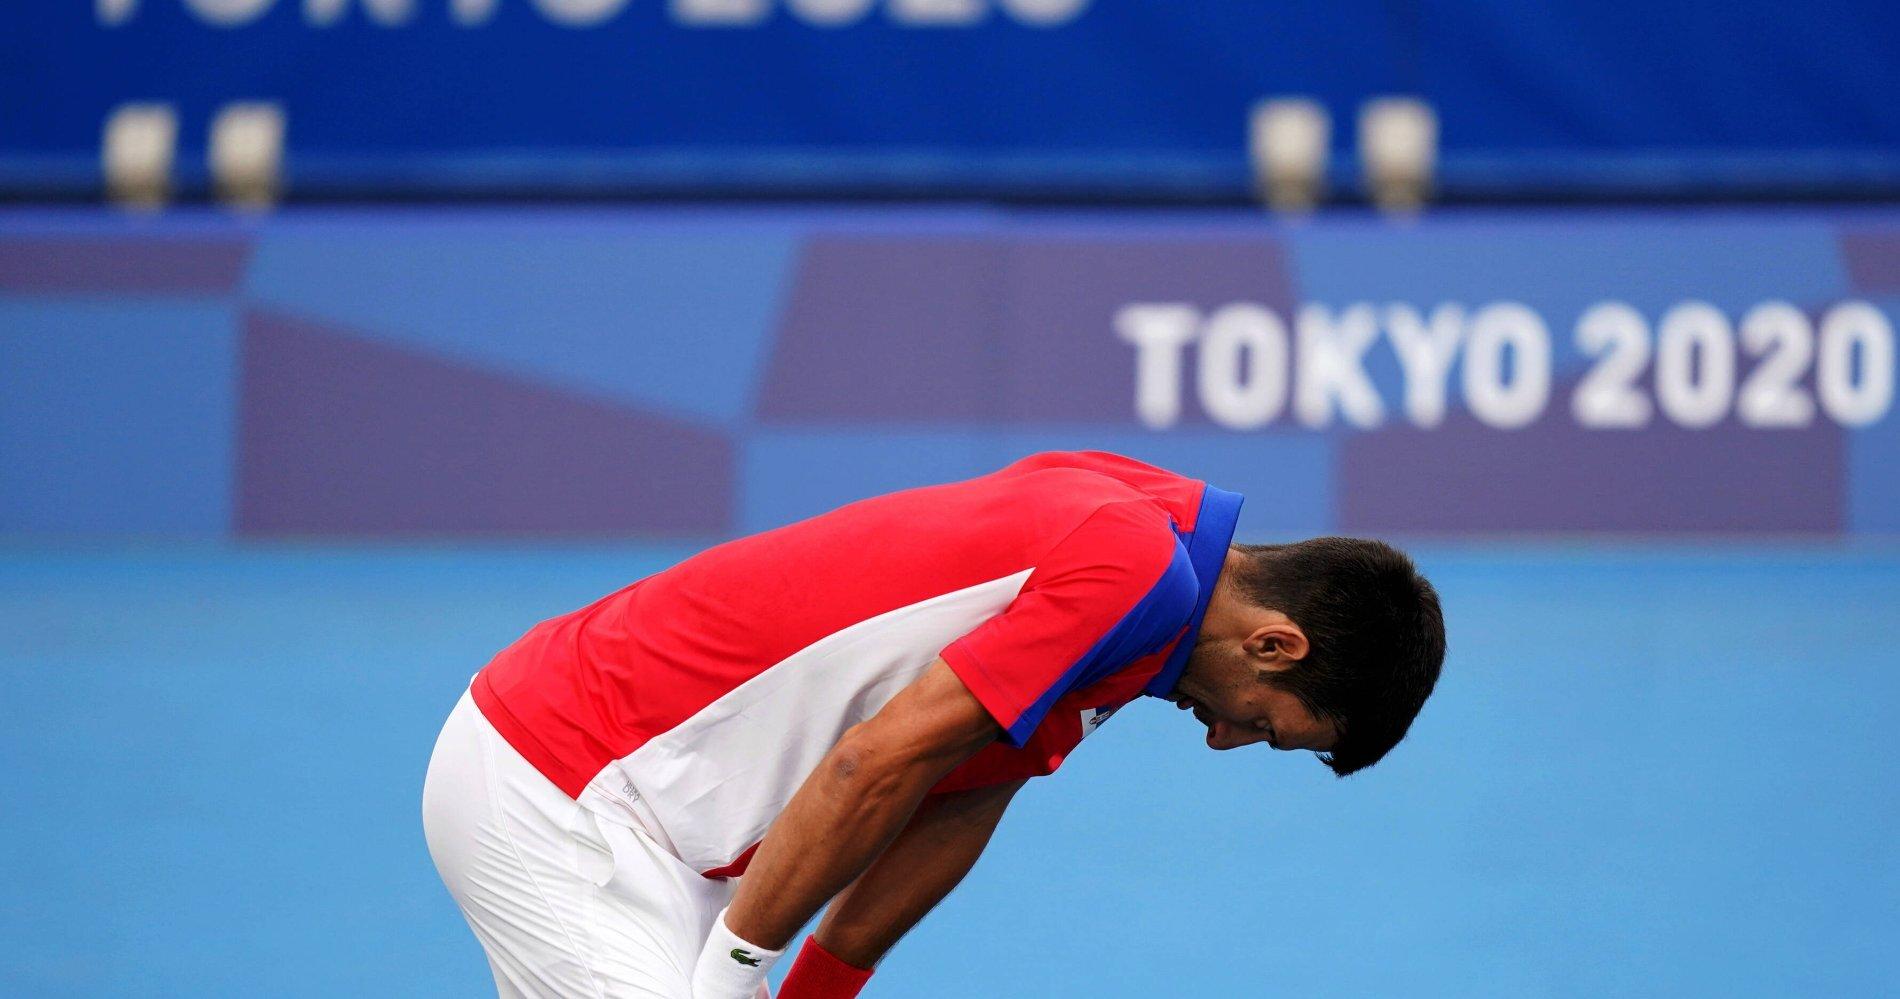 دجوكوفيتش يخسر نصف نهائي التنس الأولمبي